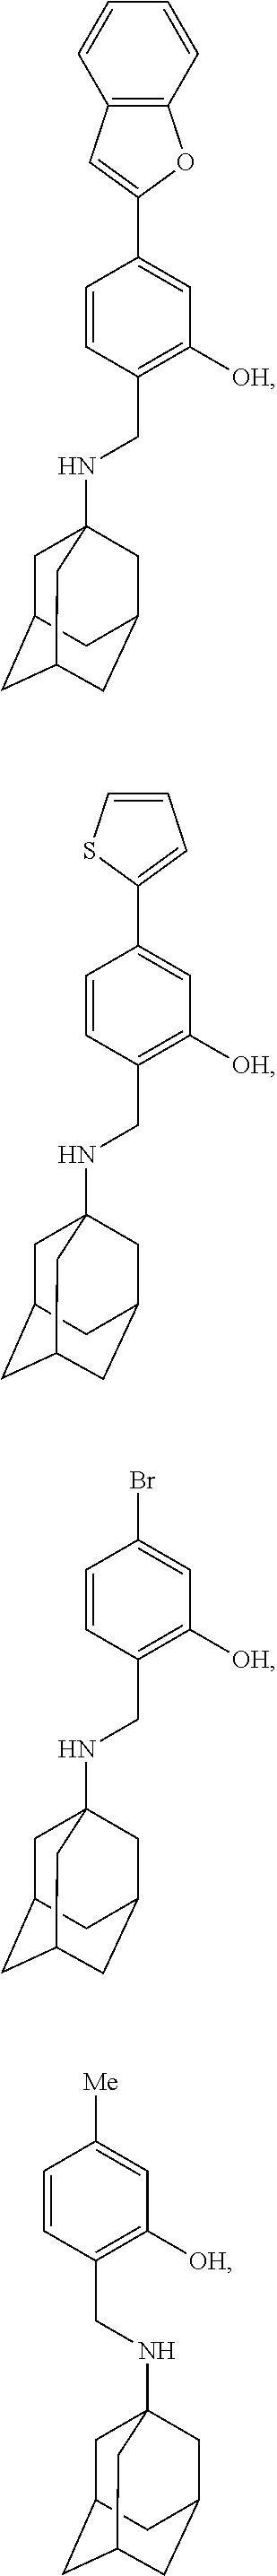 Figure US09884832-20180206-C00039